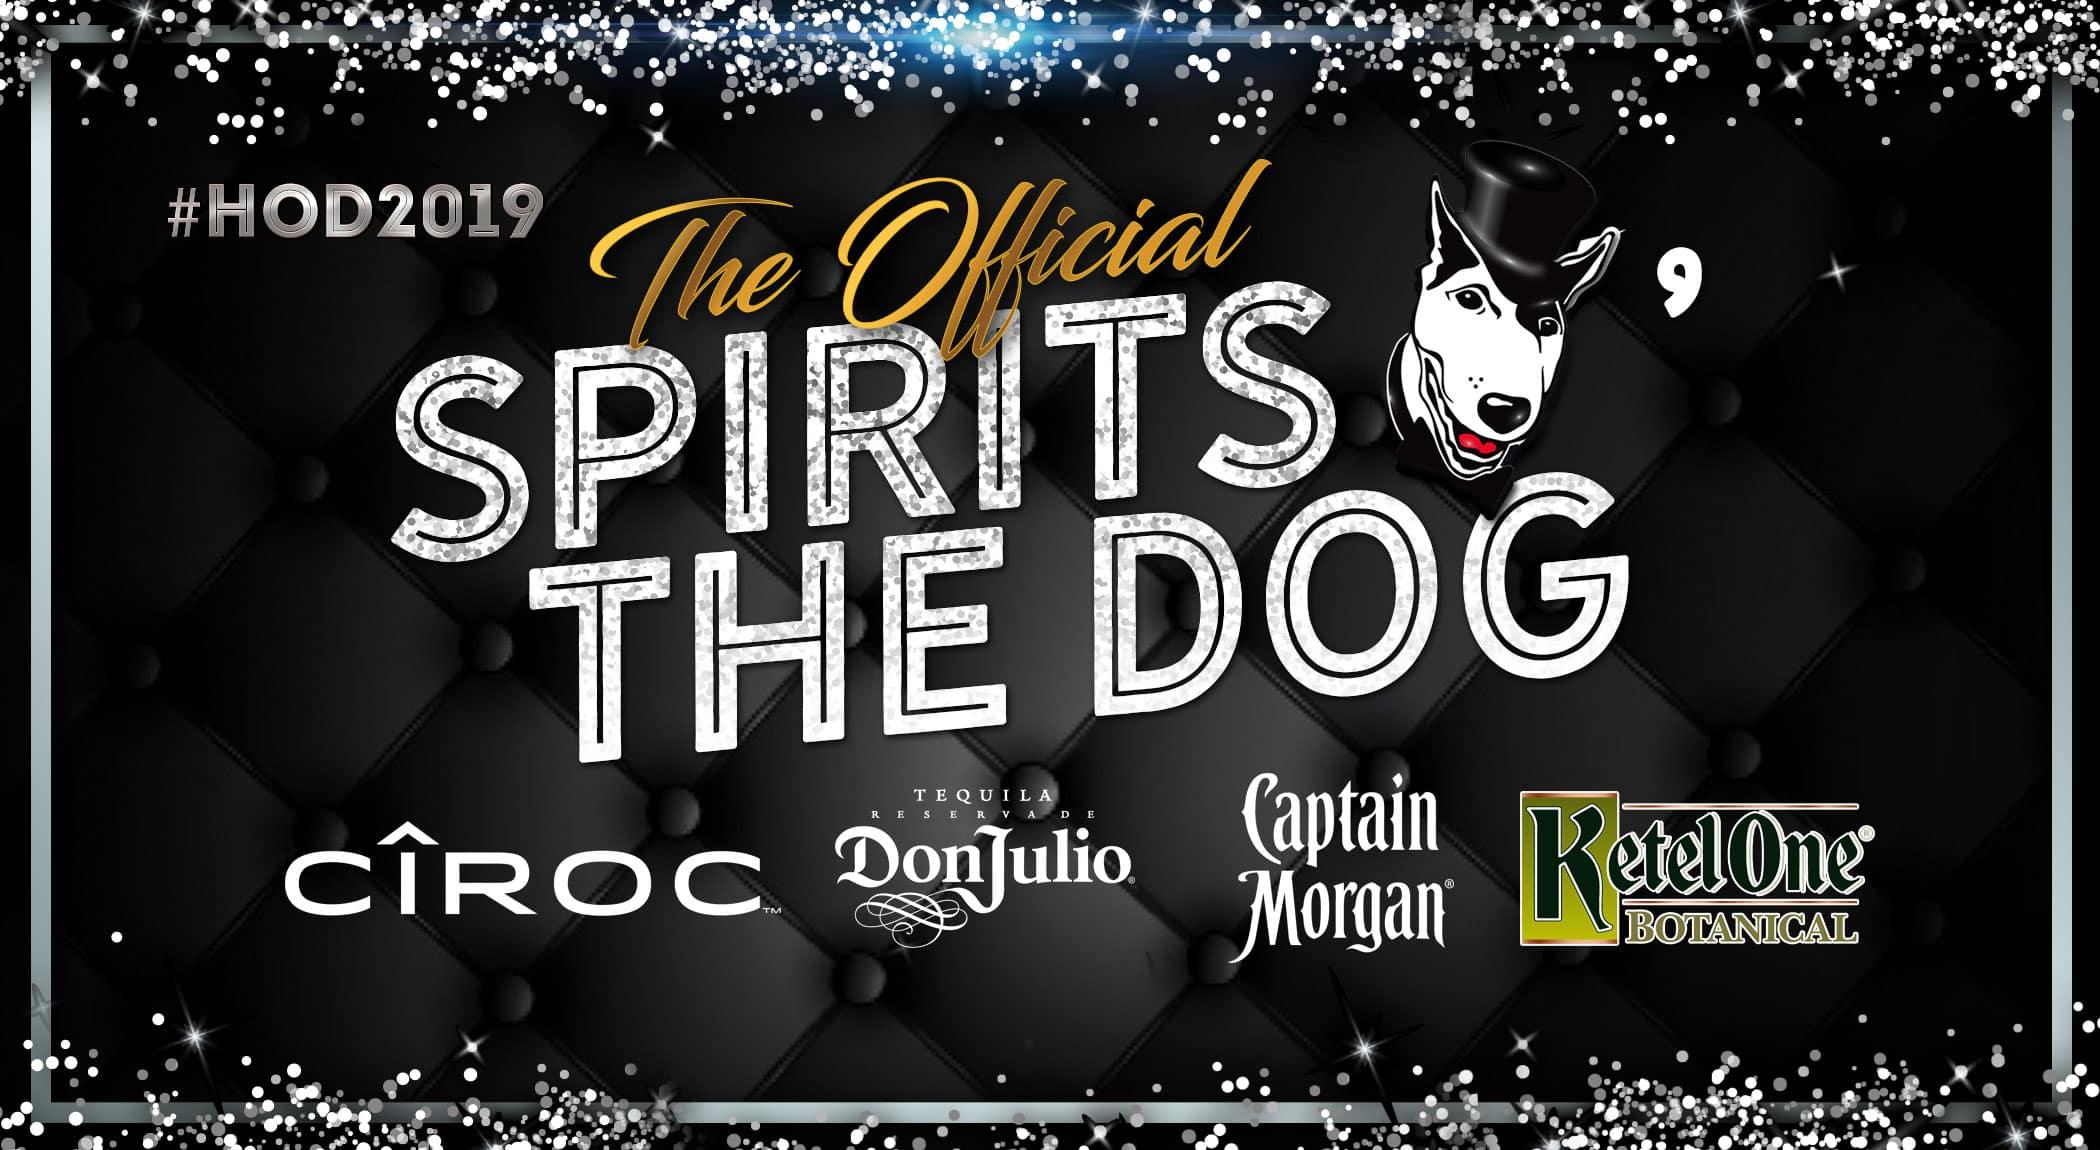 HOD2019-Spirits-Banner